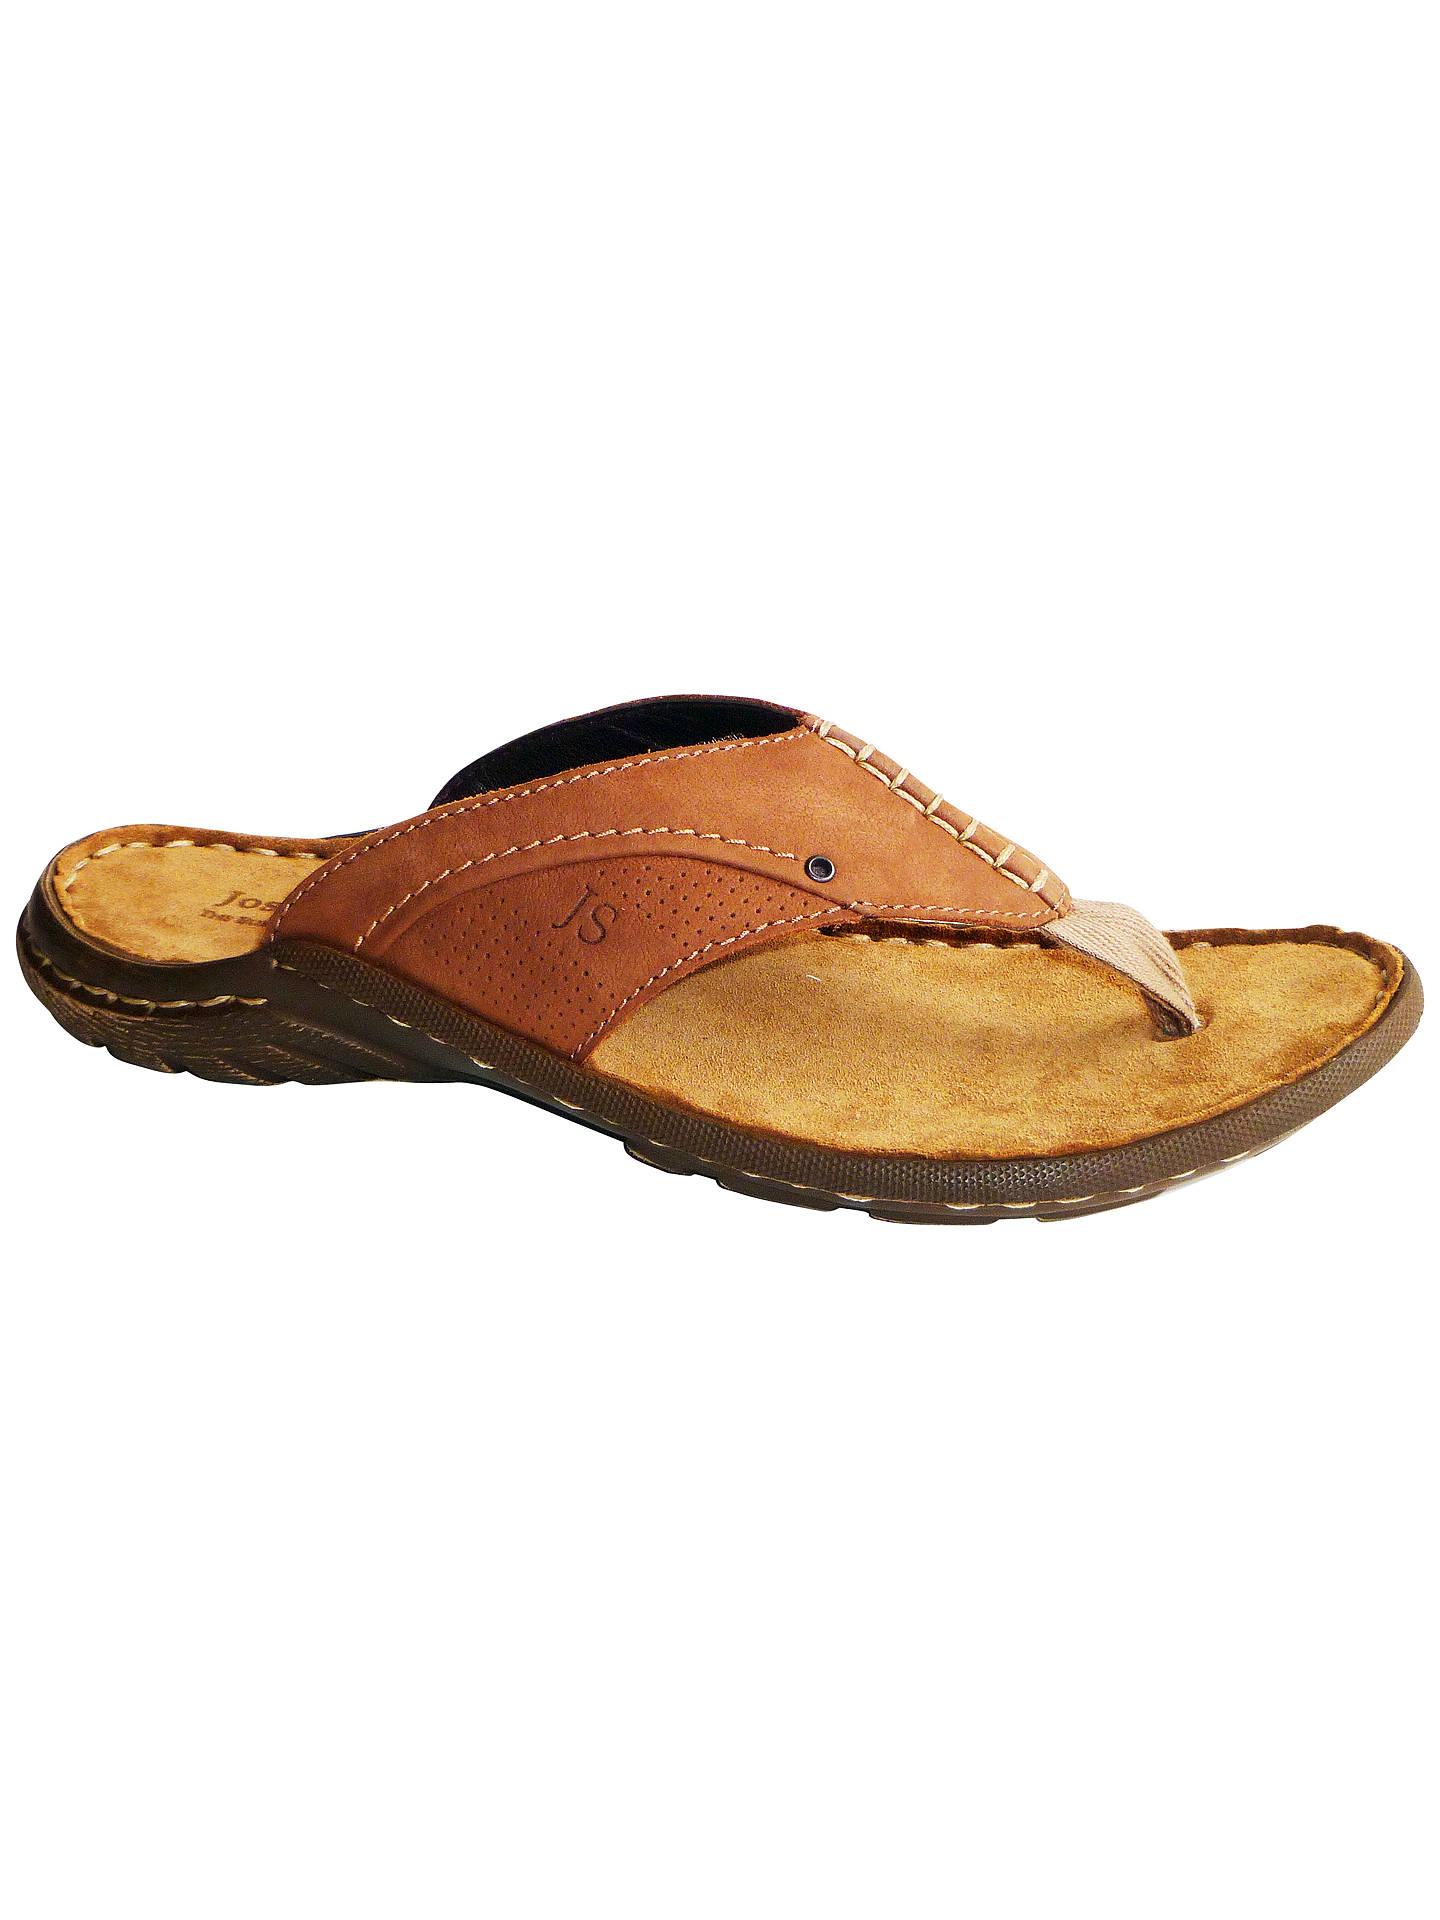 48bc79ca6a7ba Buy Josef Seibel Logan 01 Leather Sandals